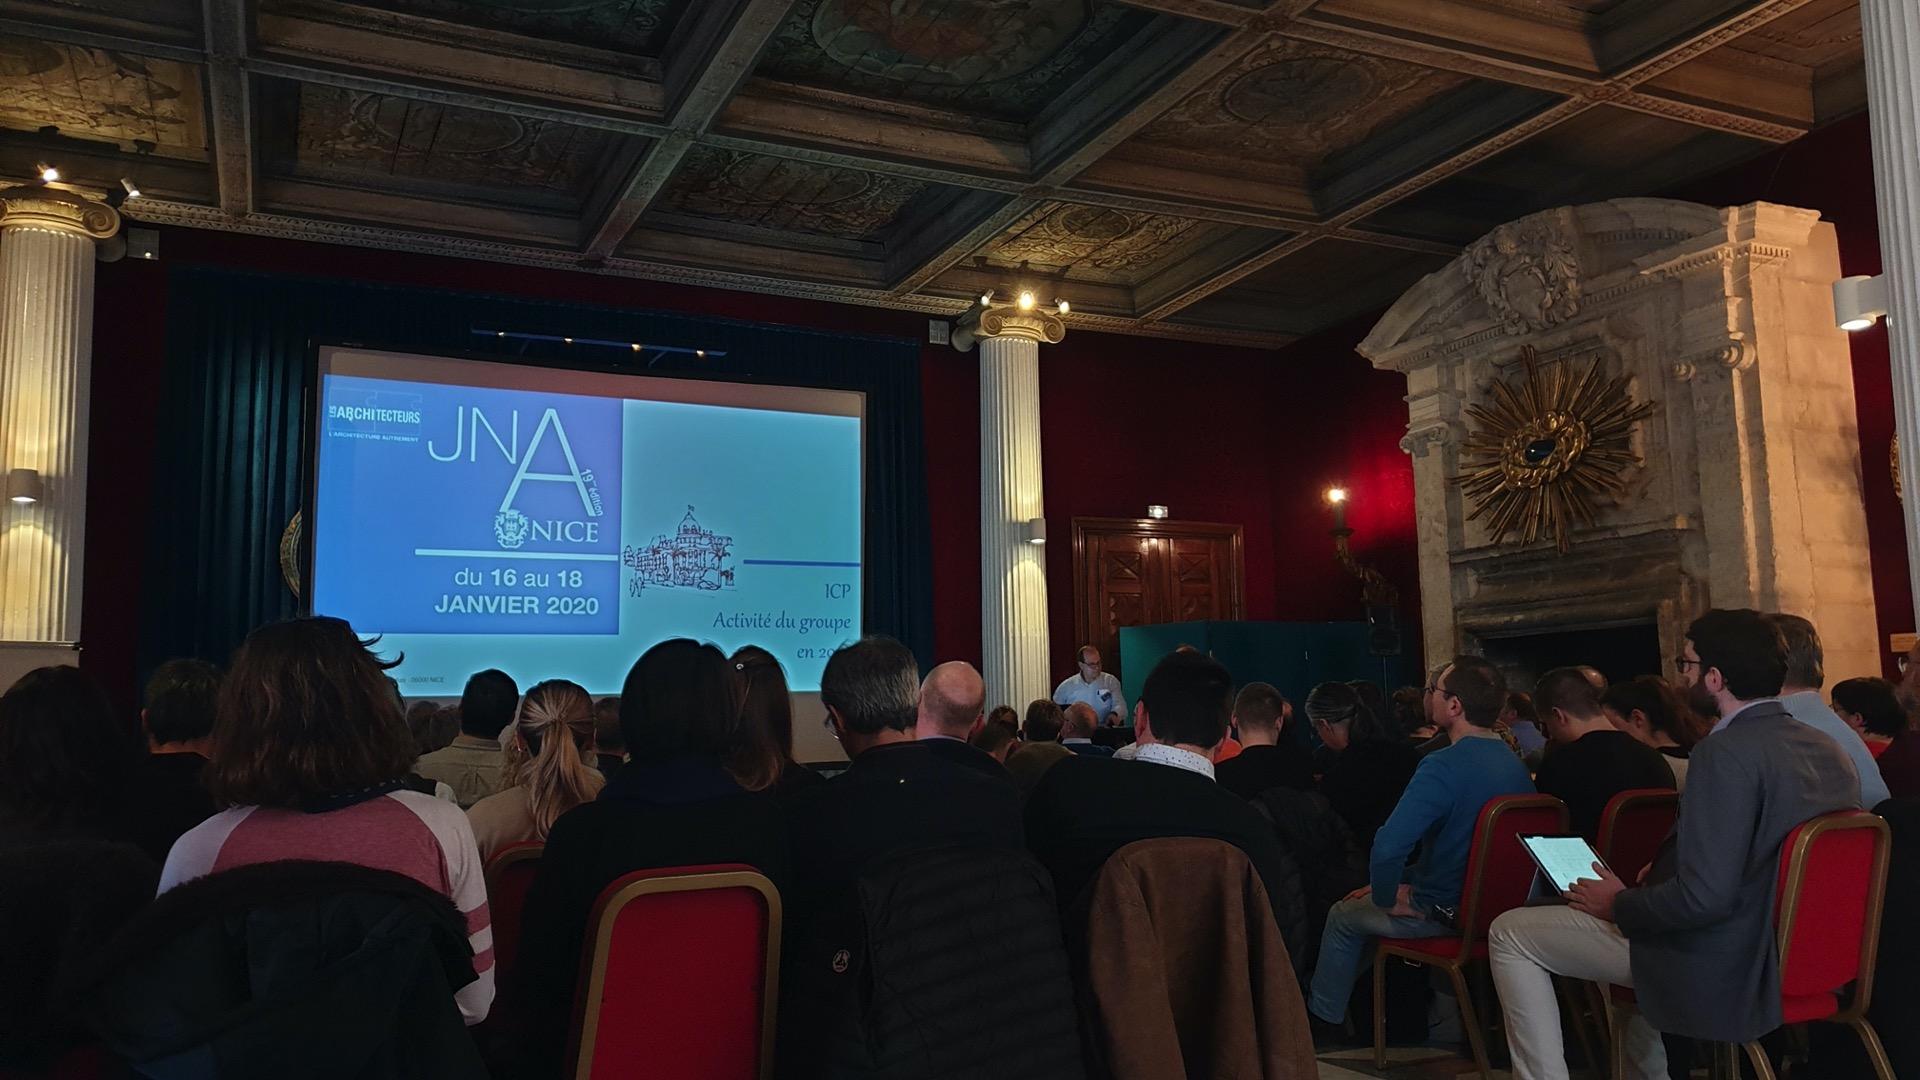 Photo couleurs de l'équipe d'architecteurs réunit pour les JNA 2020